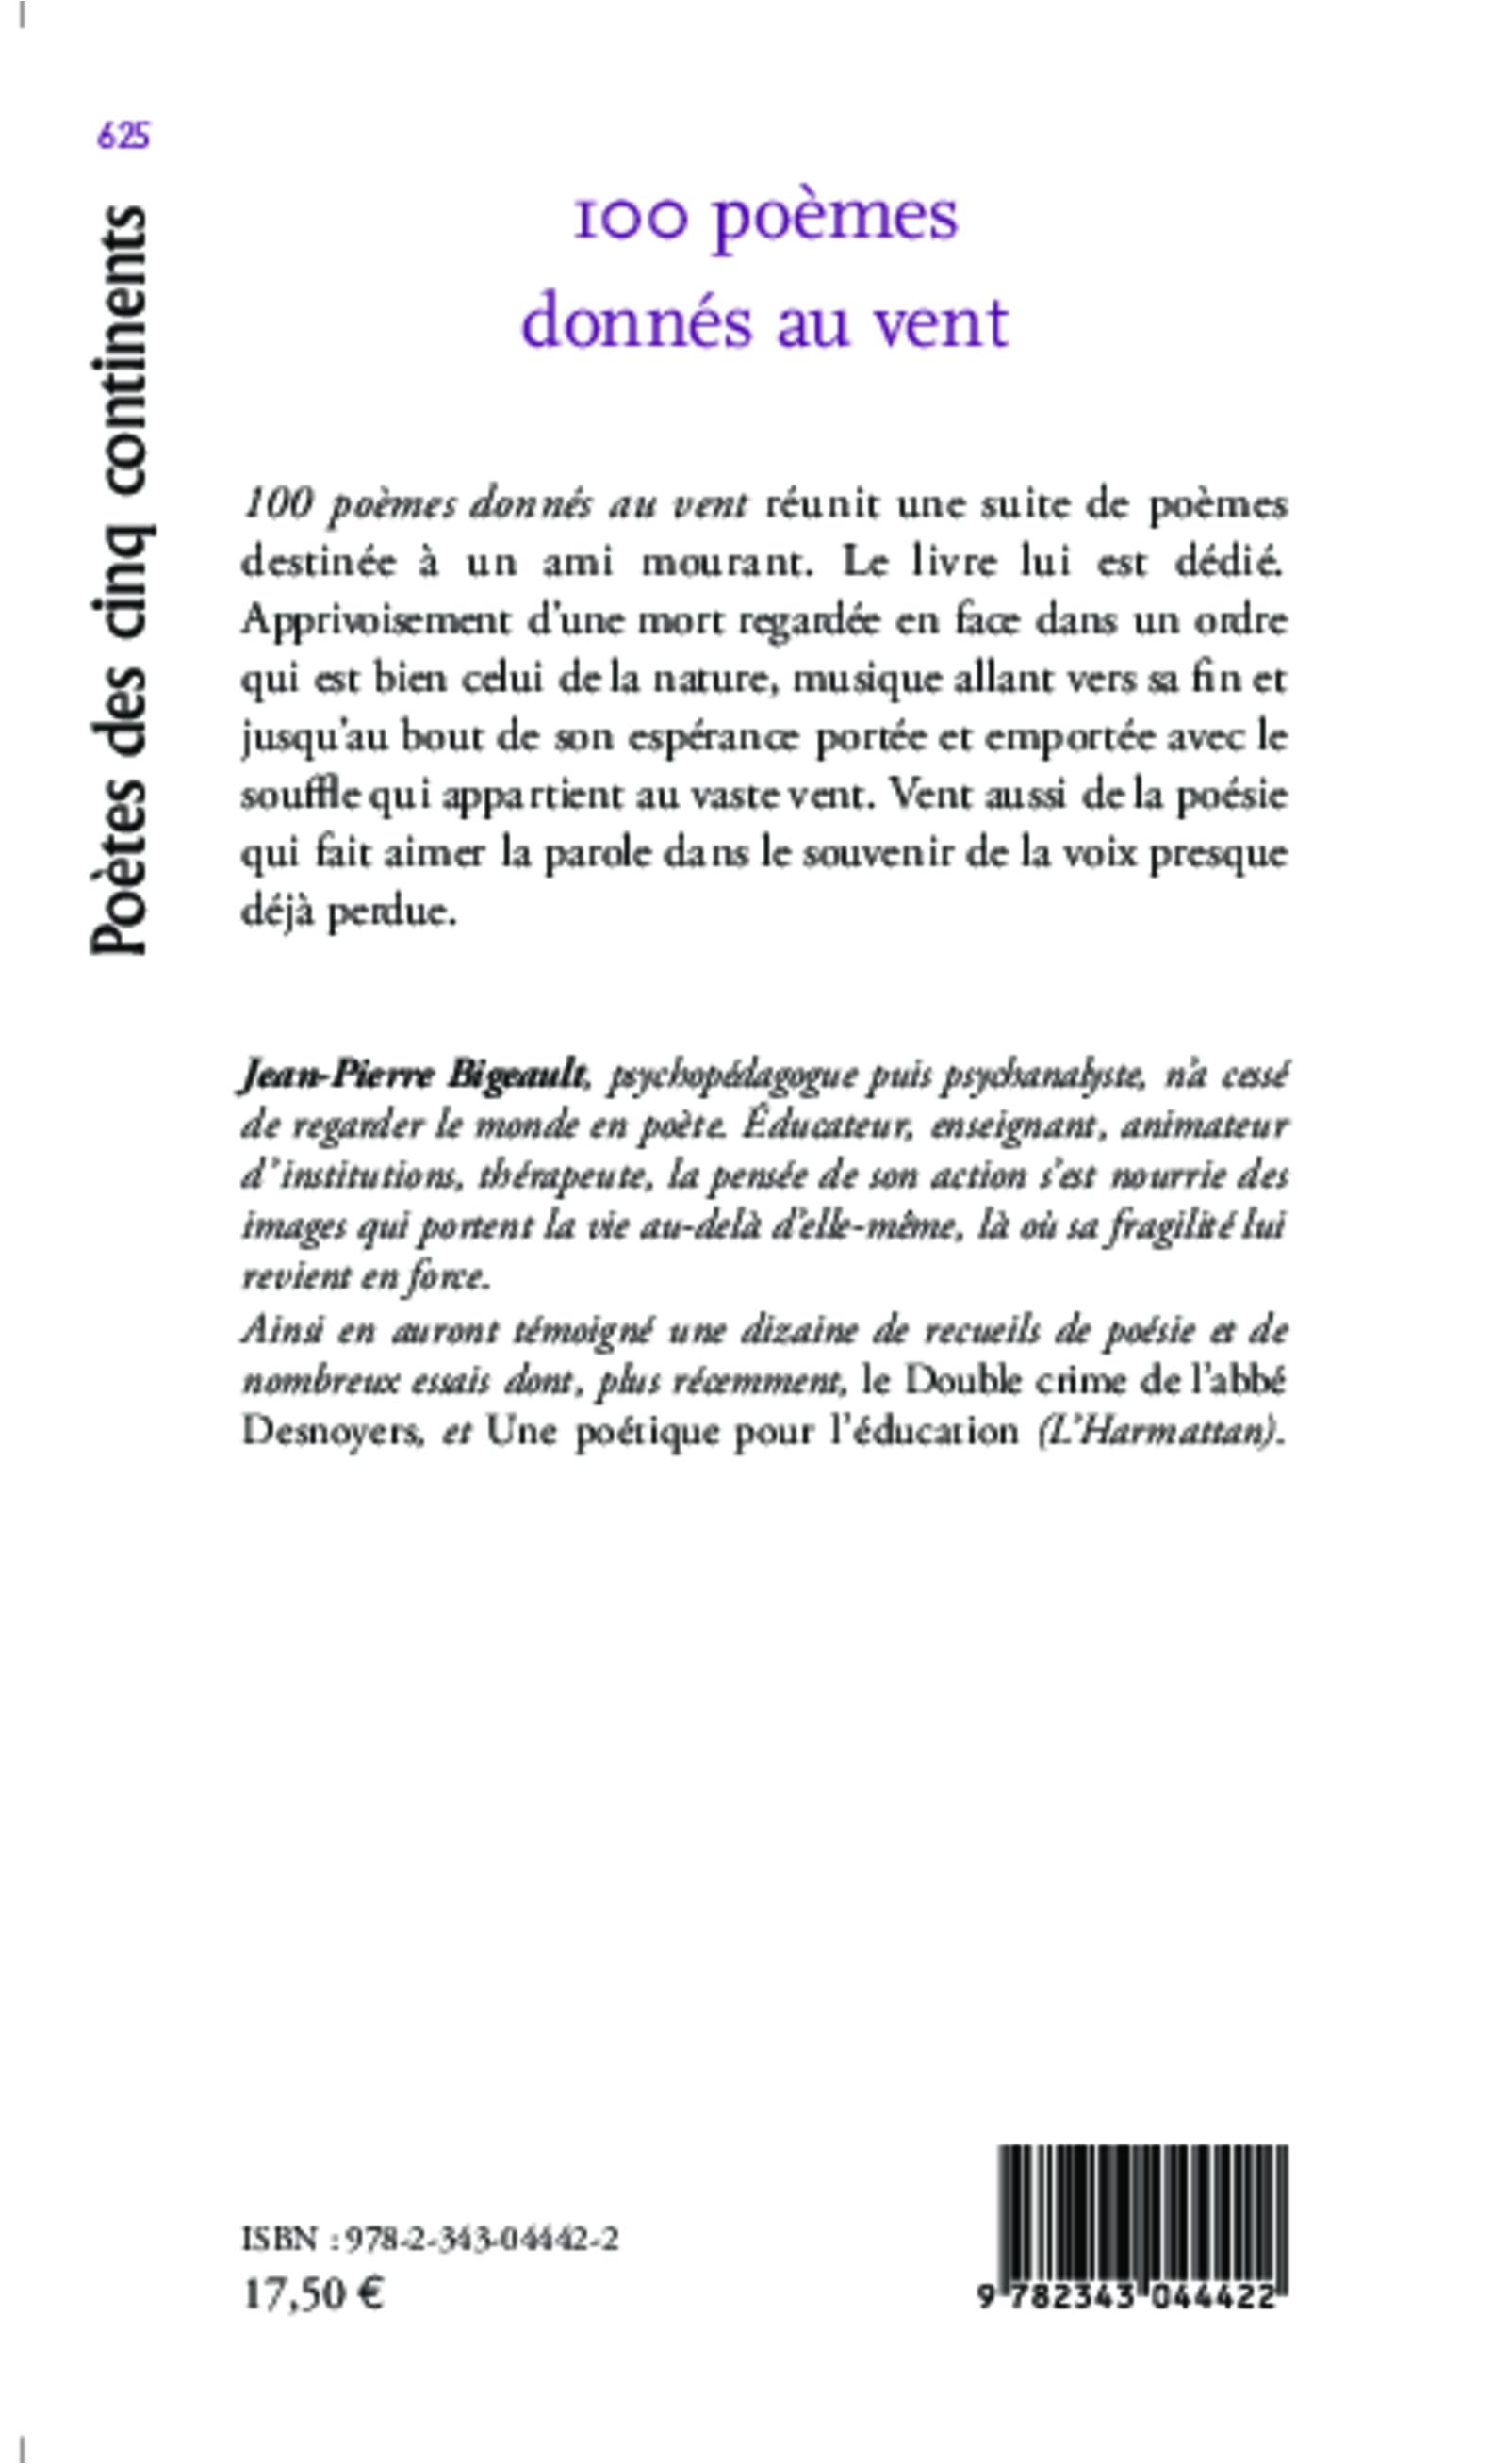 100 Poèmes Donnés Au Vent Suite De Poèmes Jean Pierre